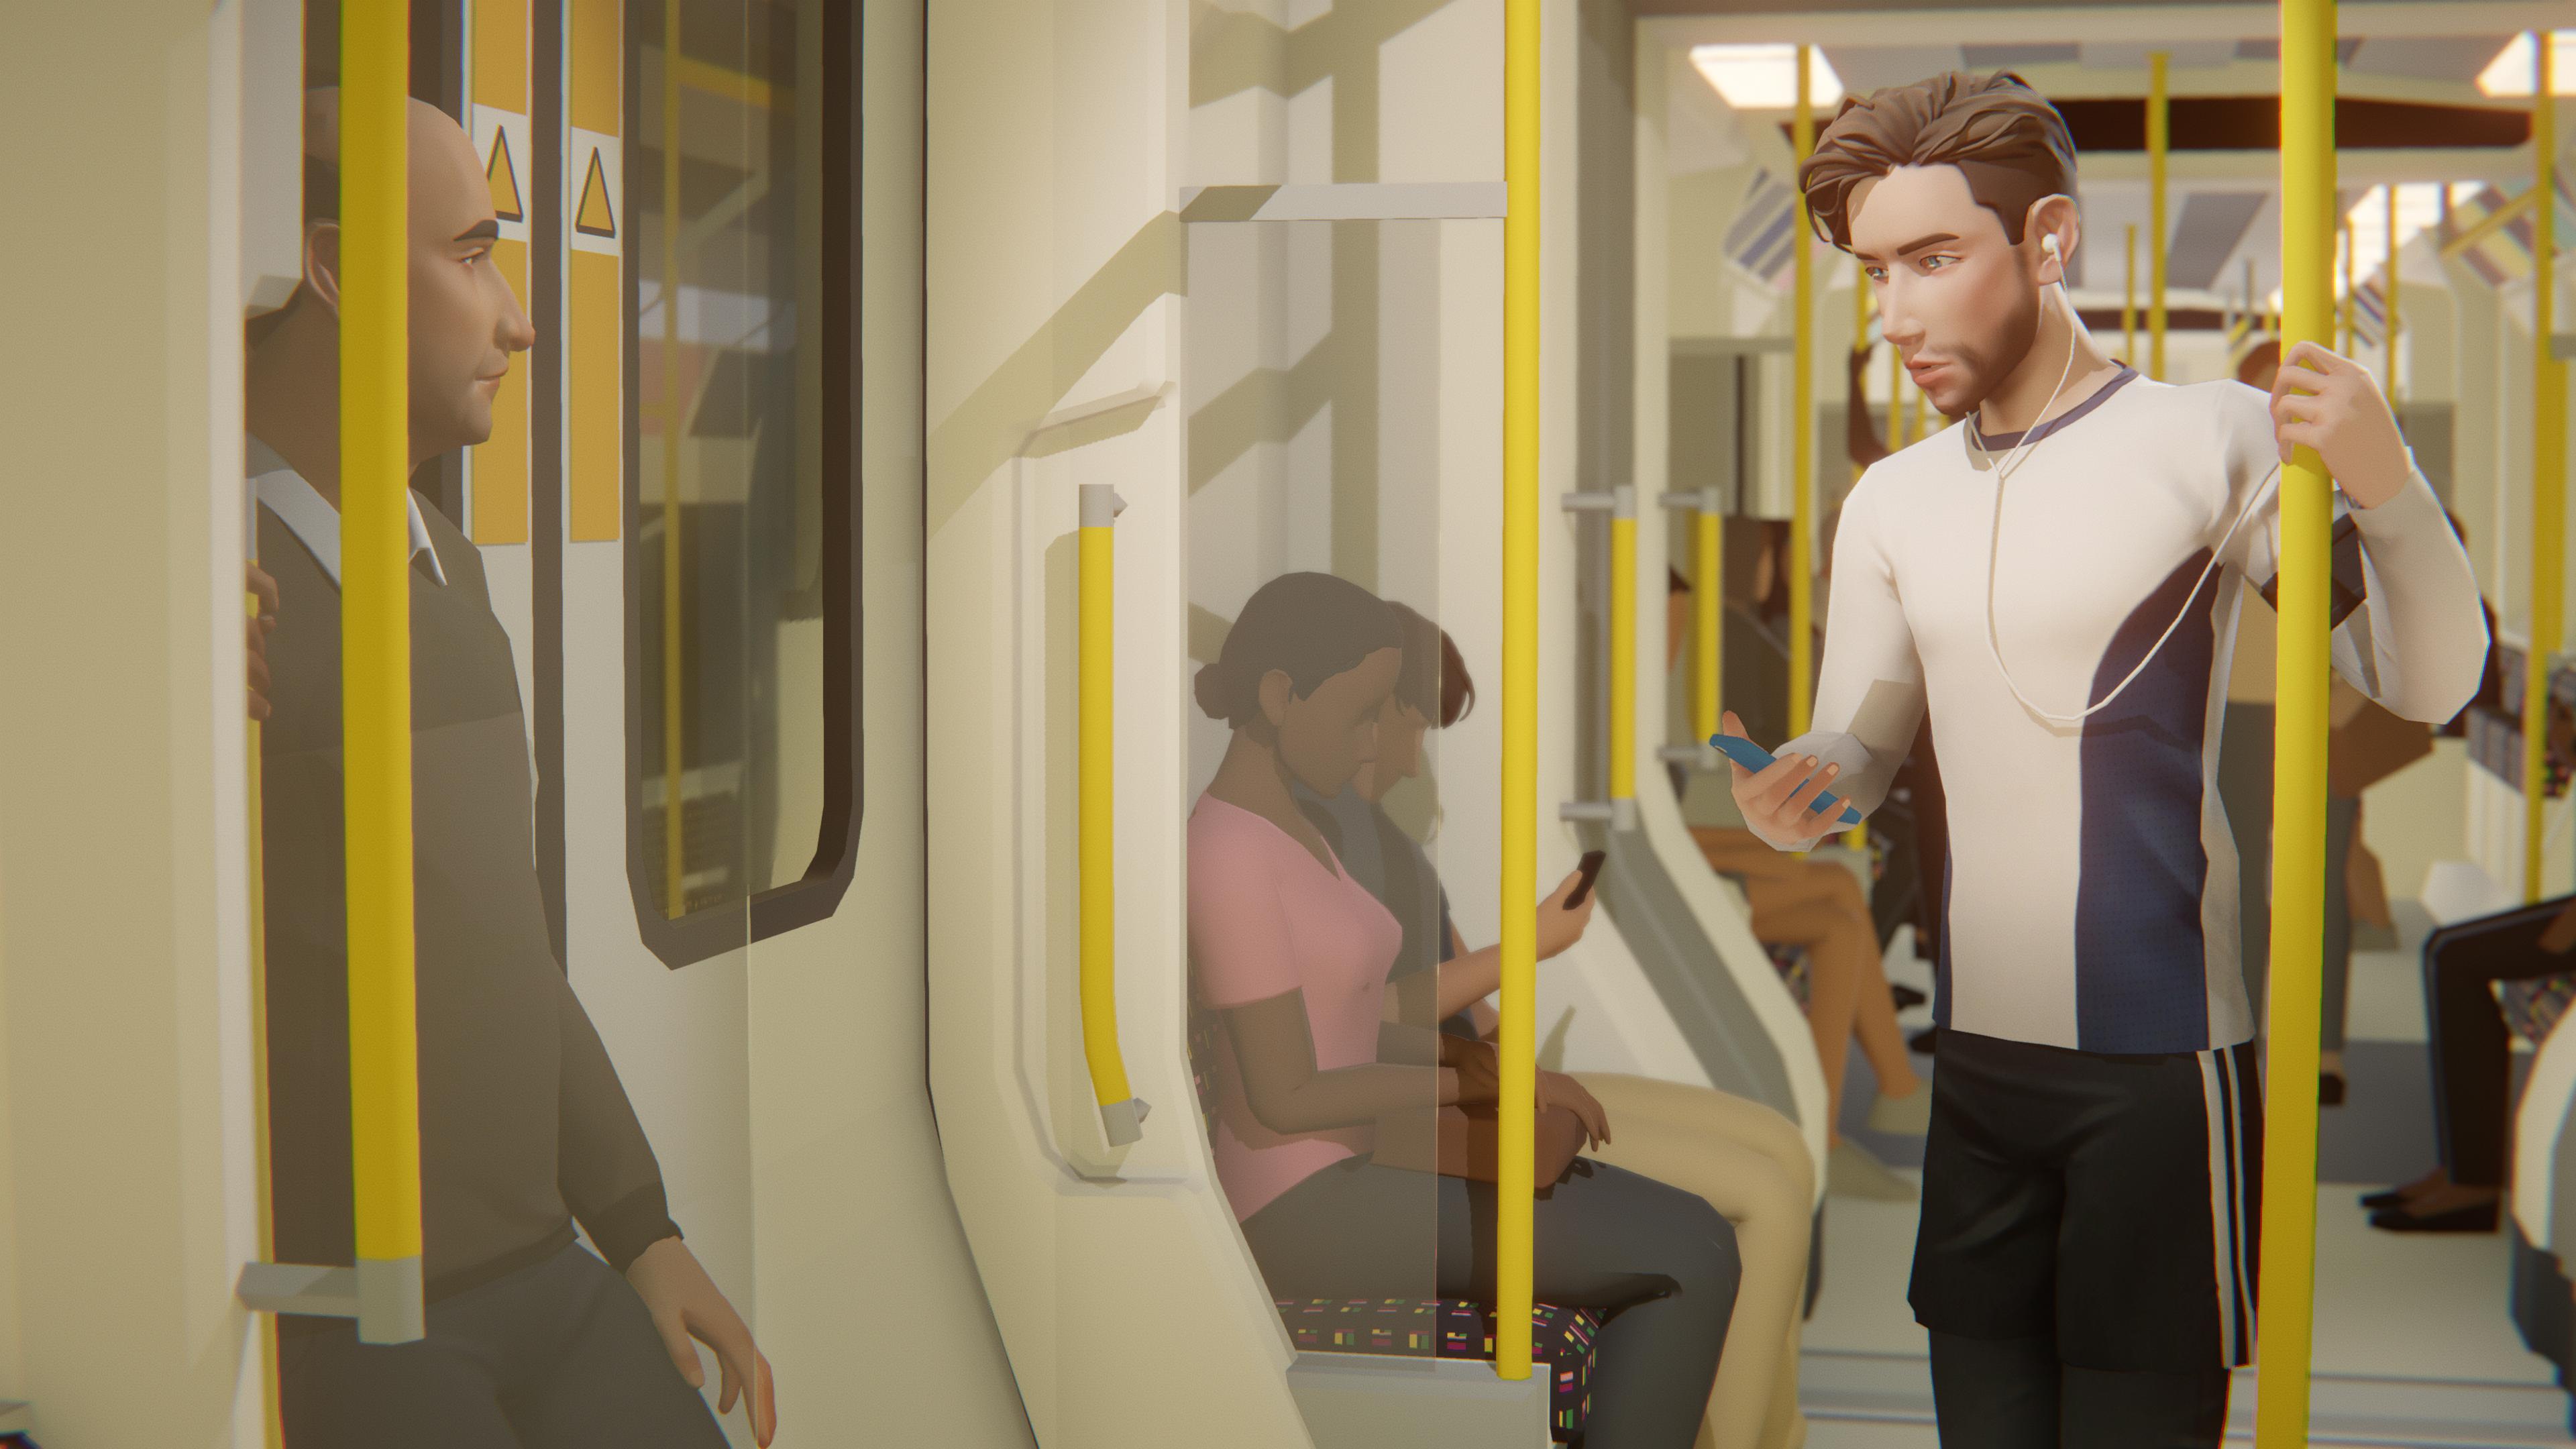 Двое мужчин в метро